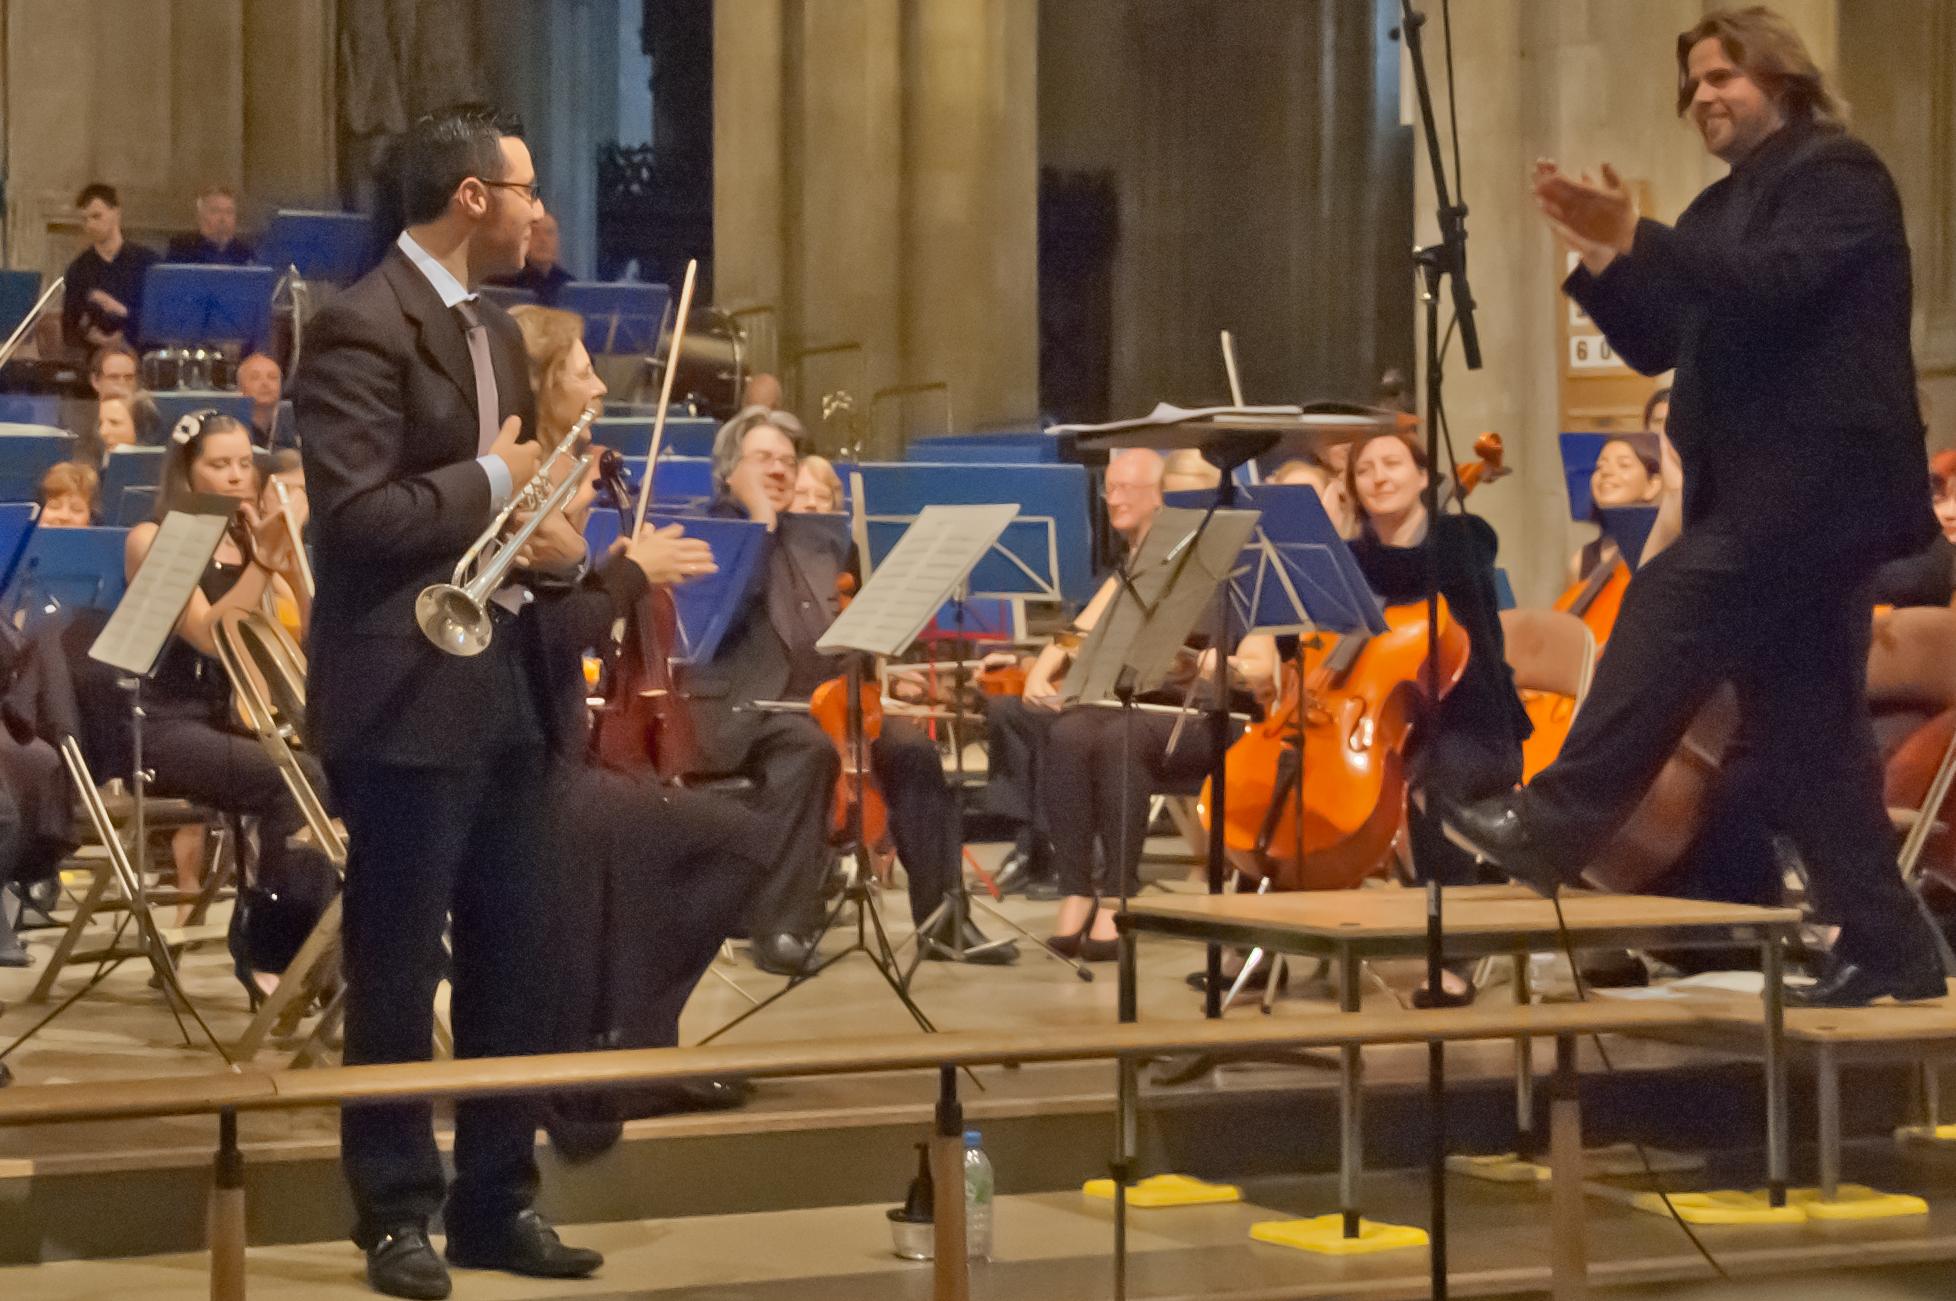 'A real tour de force' – St Albans Symphony Orchestra